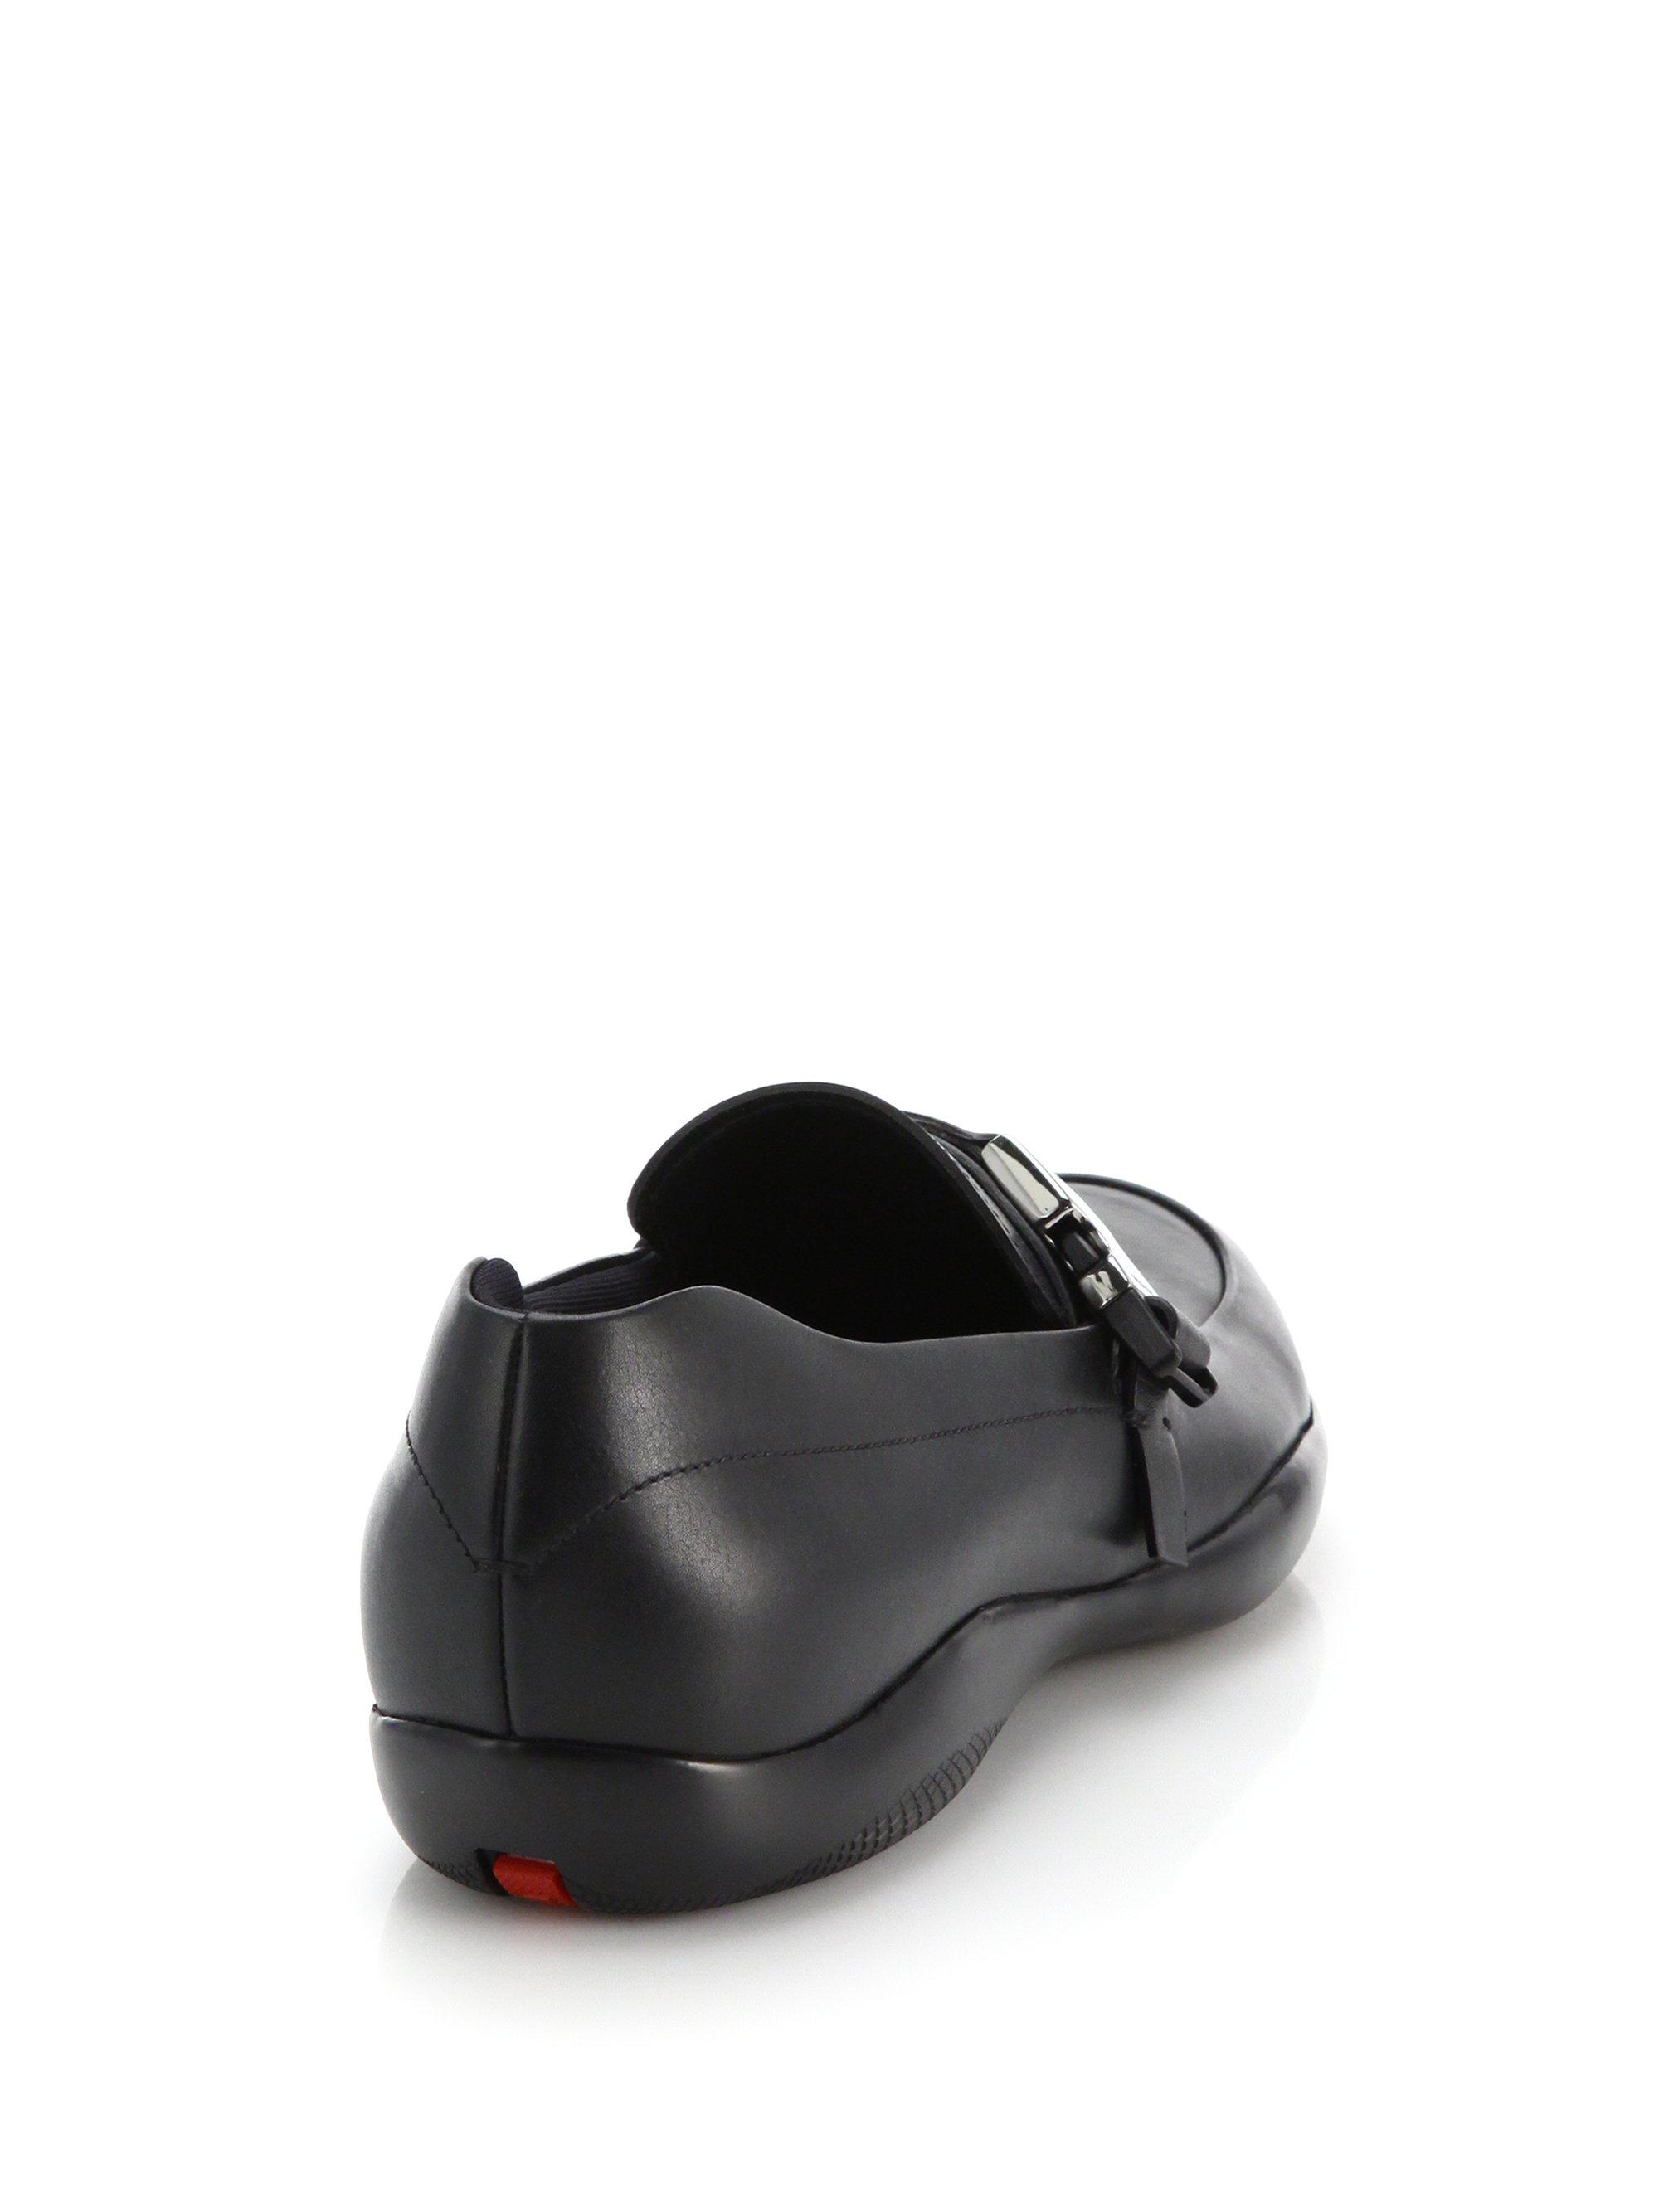 prada mini hobo handbag - Prada Iconic Buckled Leather Loafers in Black for Men | Lyst